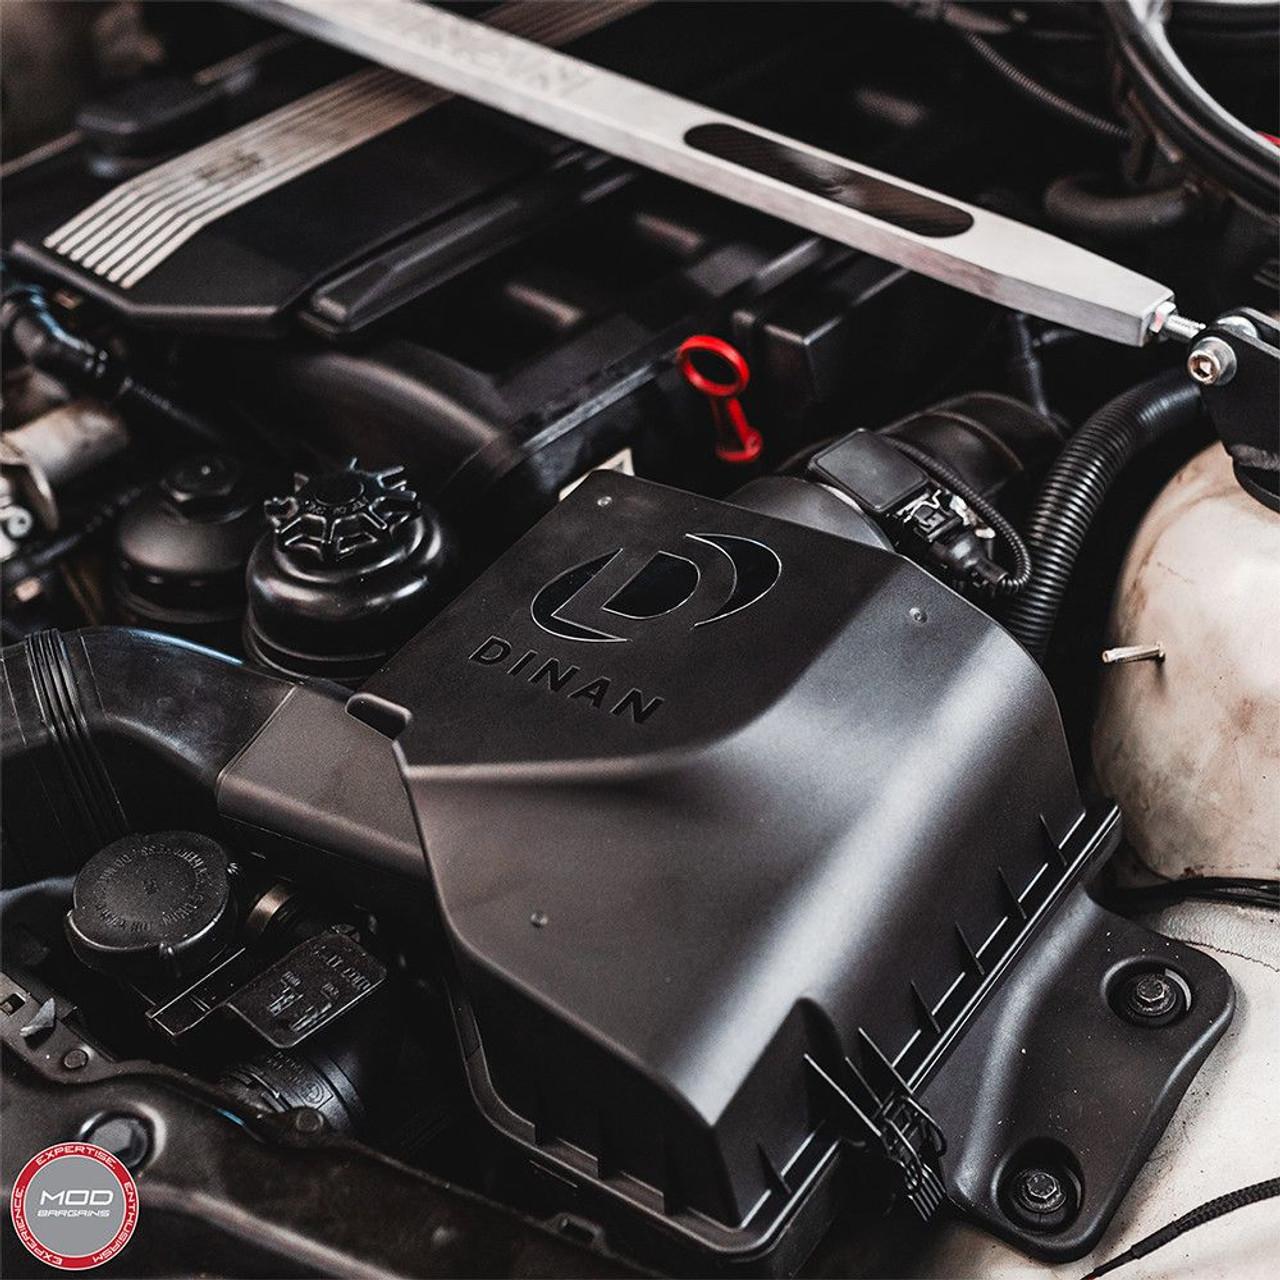 Engine Cold Air Intake-Intake System Dinan D760-0002